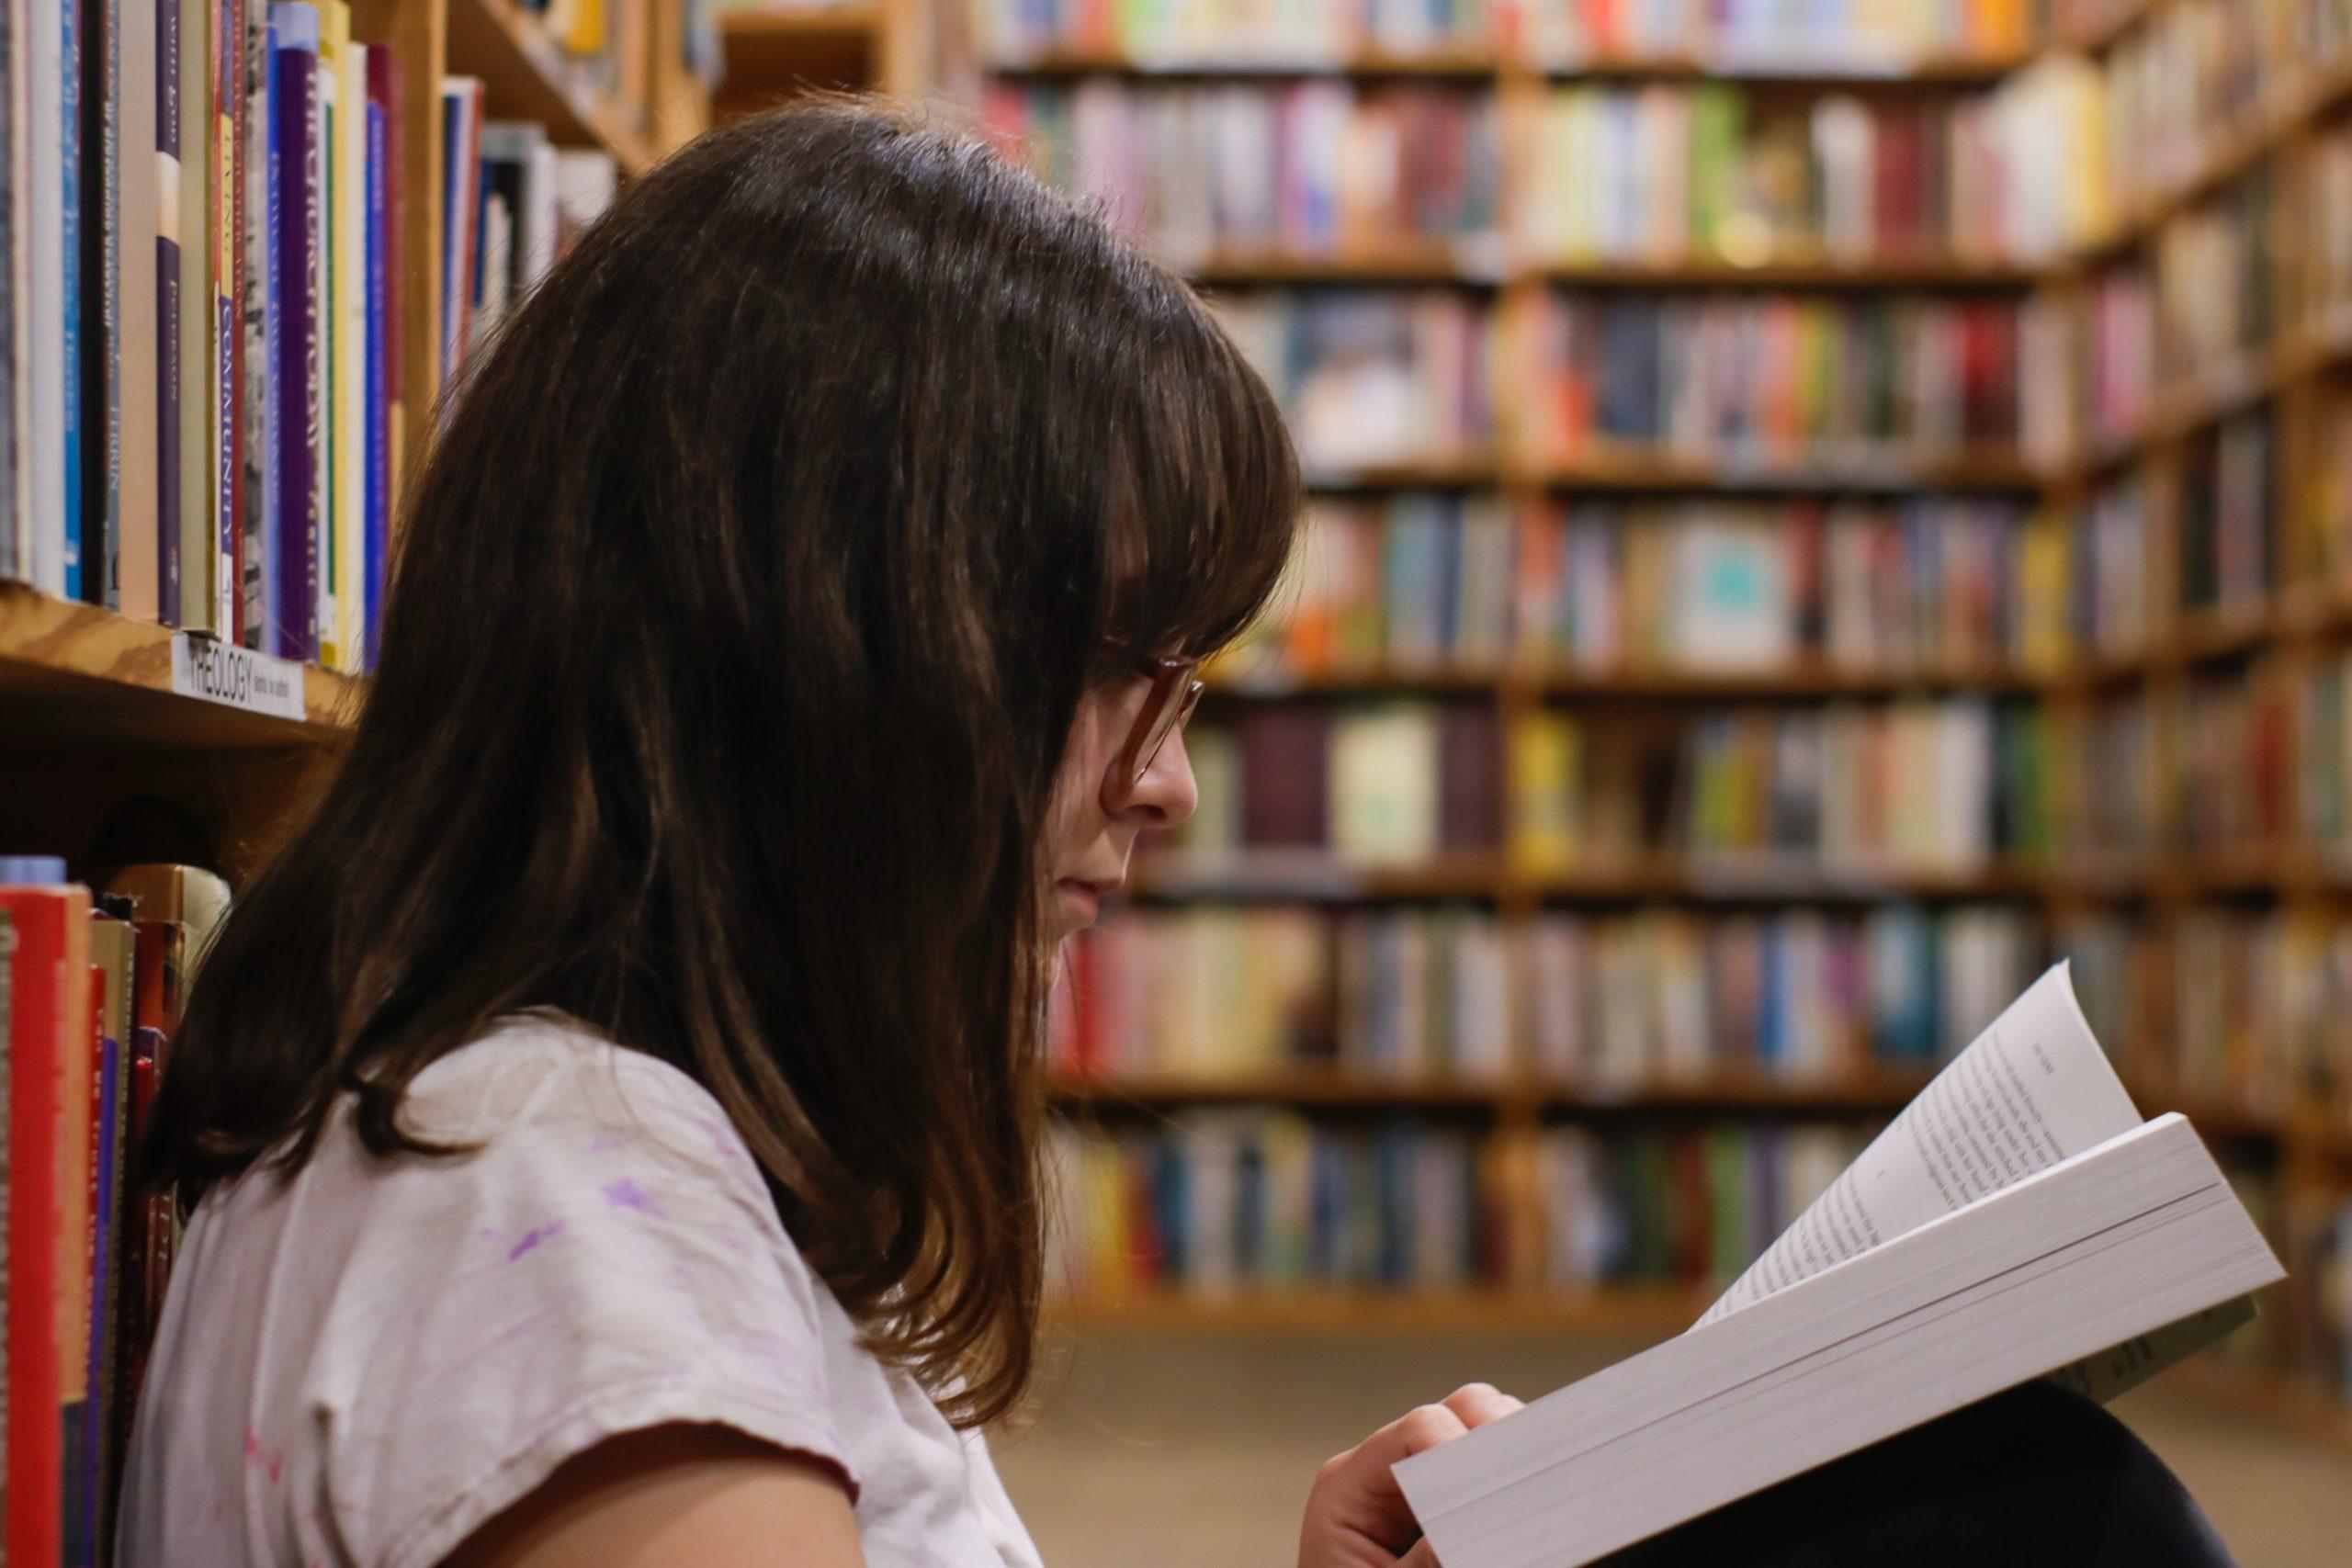 μαθήτρια διαβάζει στην βιβλιοθήκη